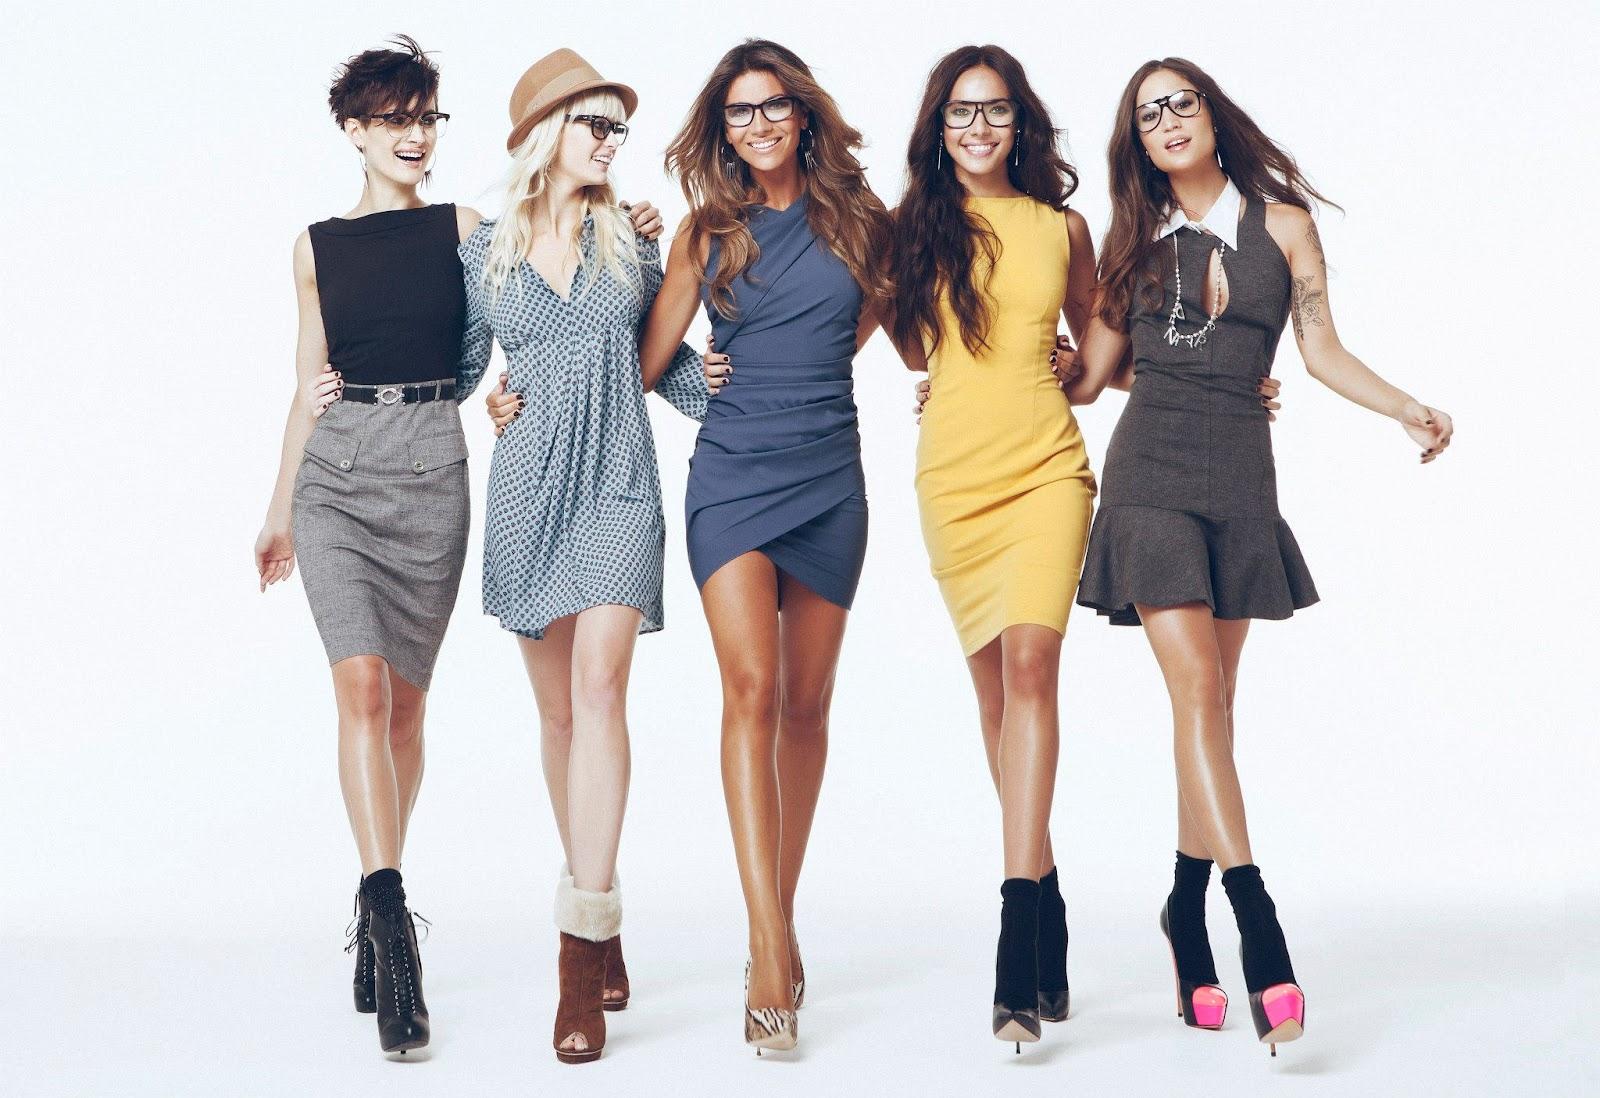 bb1ad283cda Женская одежда из Китая купить в интернет магазине Таобао mekonglk.ru  Екатеринбург